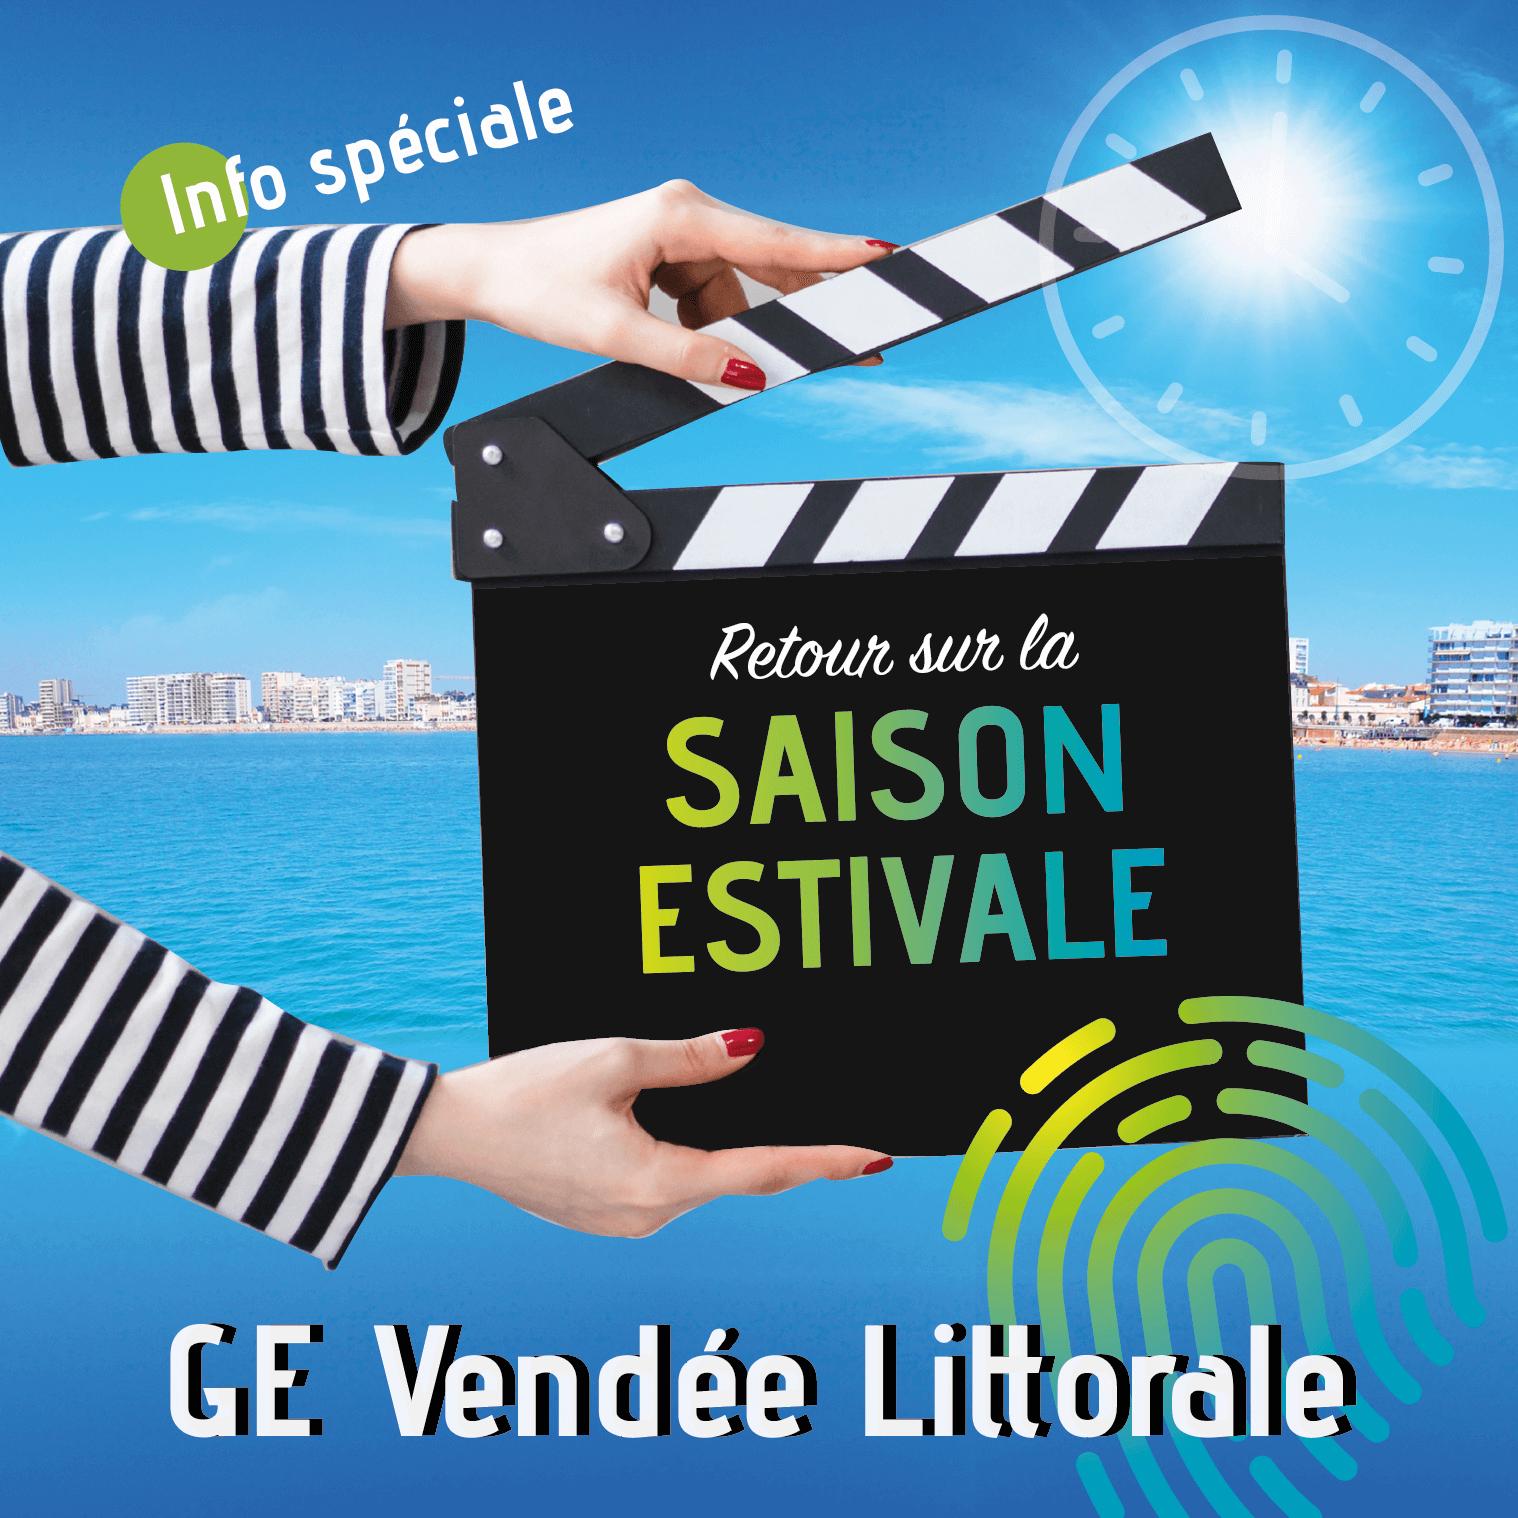 Retour sur la saison estivale, témoignages de Sarah, Capucine et Peggy, salarié du GE Vendée Littorale